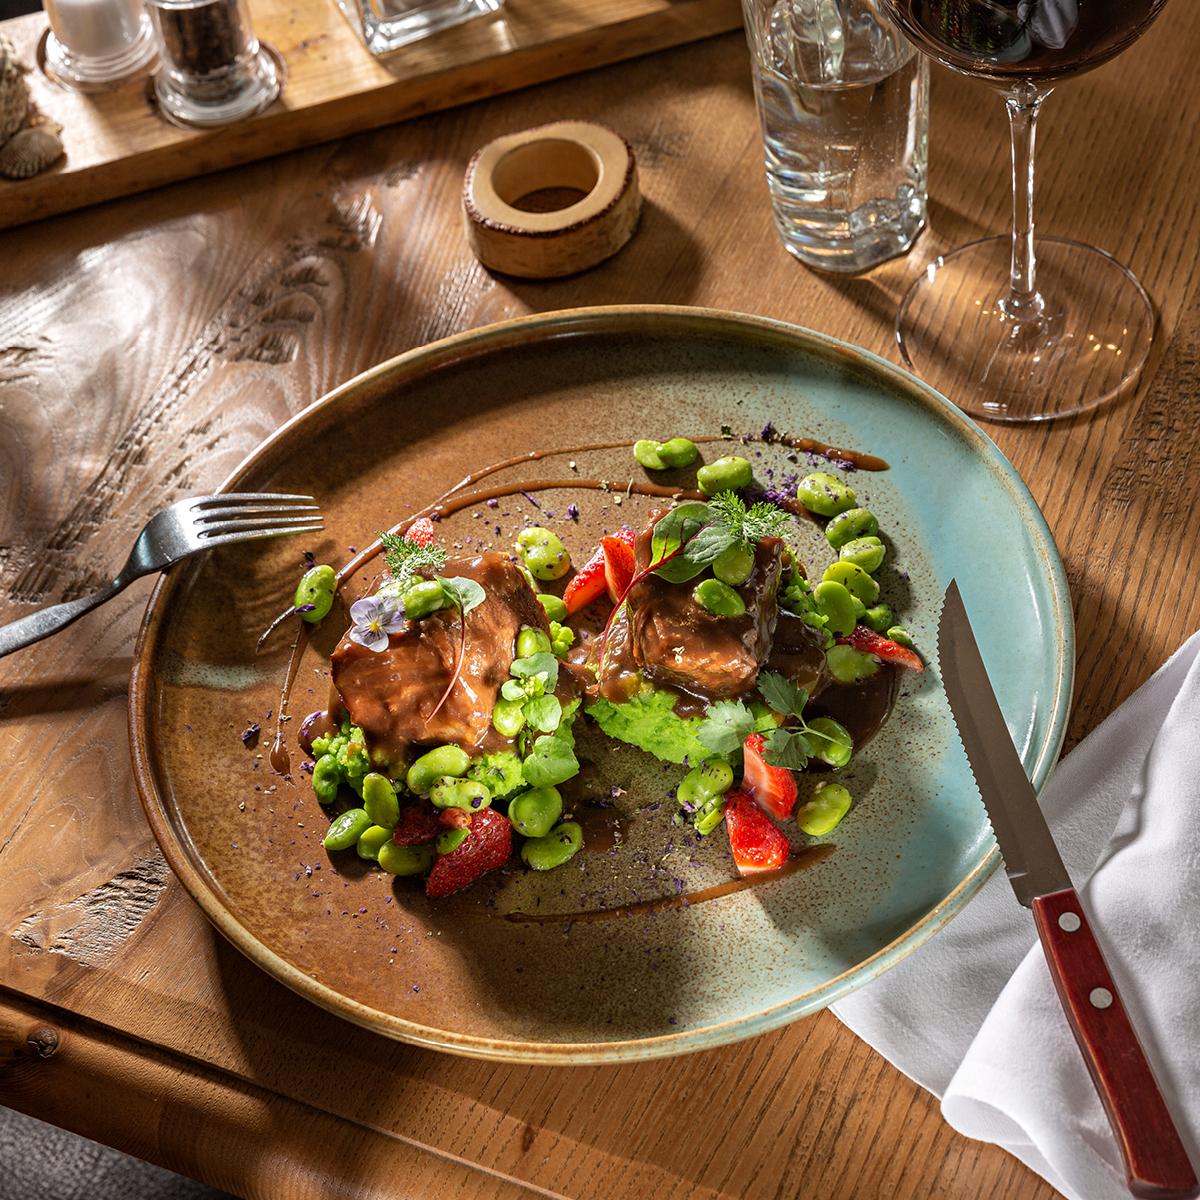 Das Bild zeigt einen rustikalen Tisch und ein Fleischgericht.